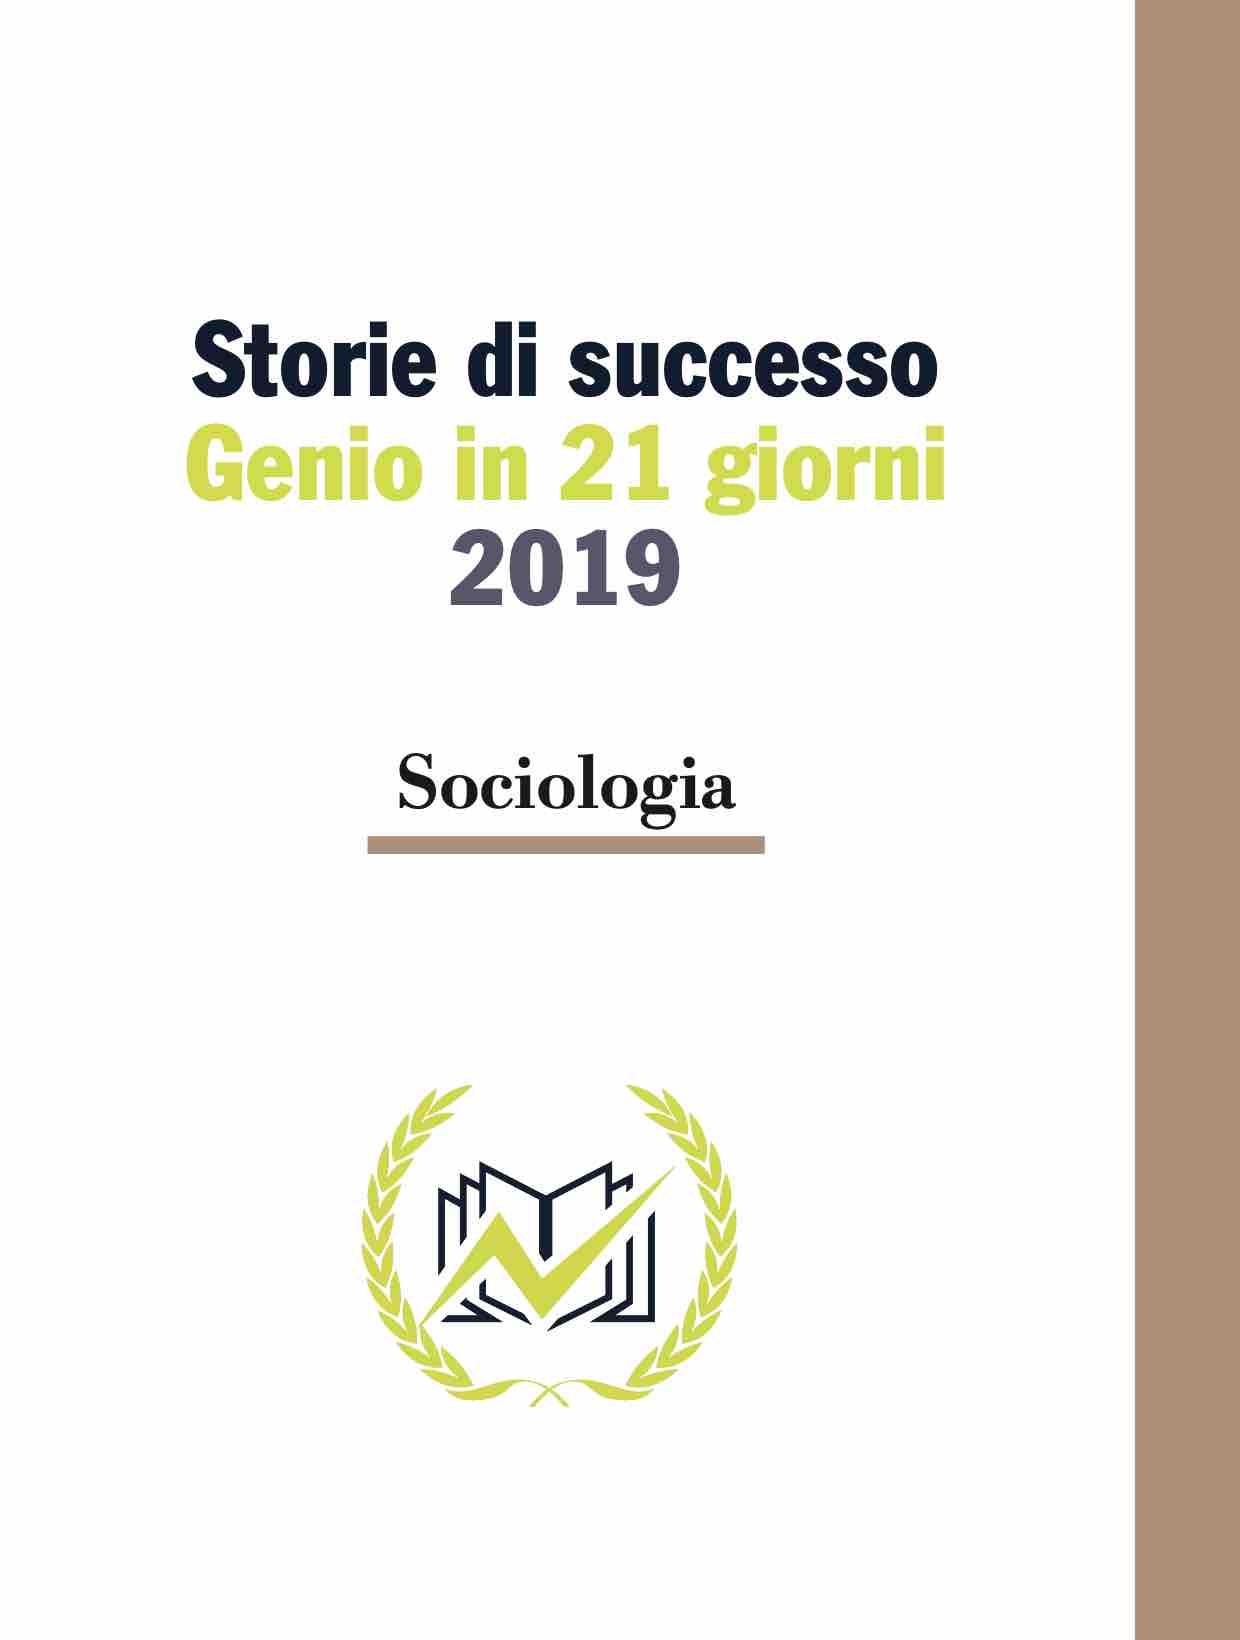 Testimonianze Genio in 21 Giorni Sociologia